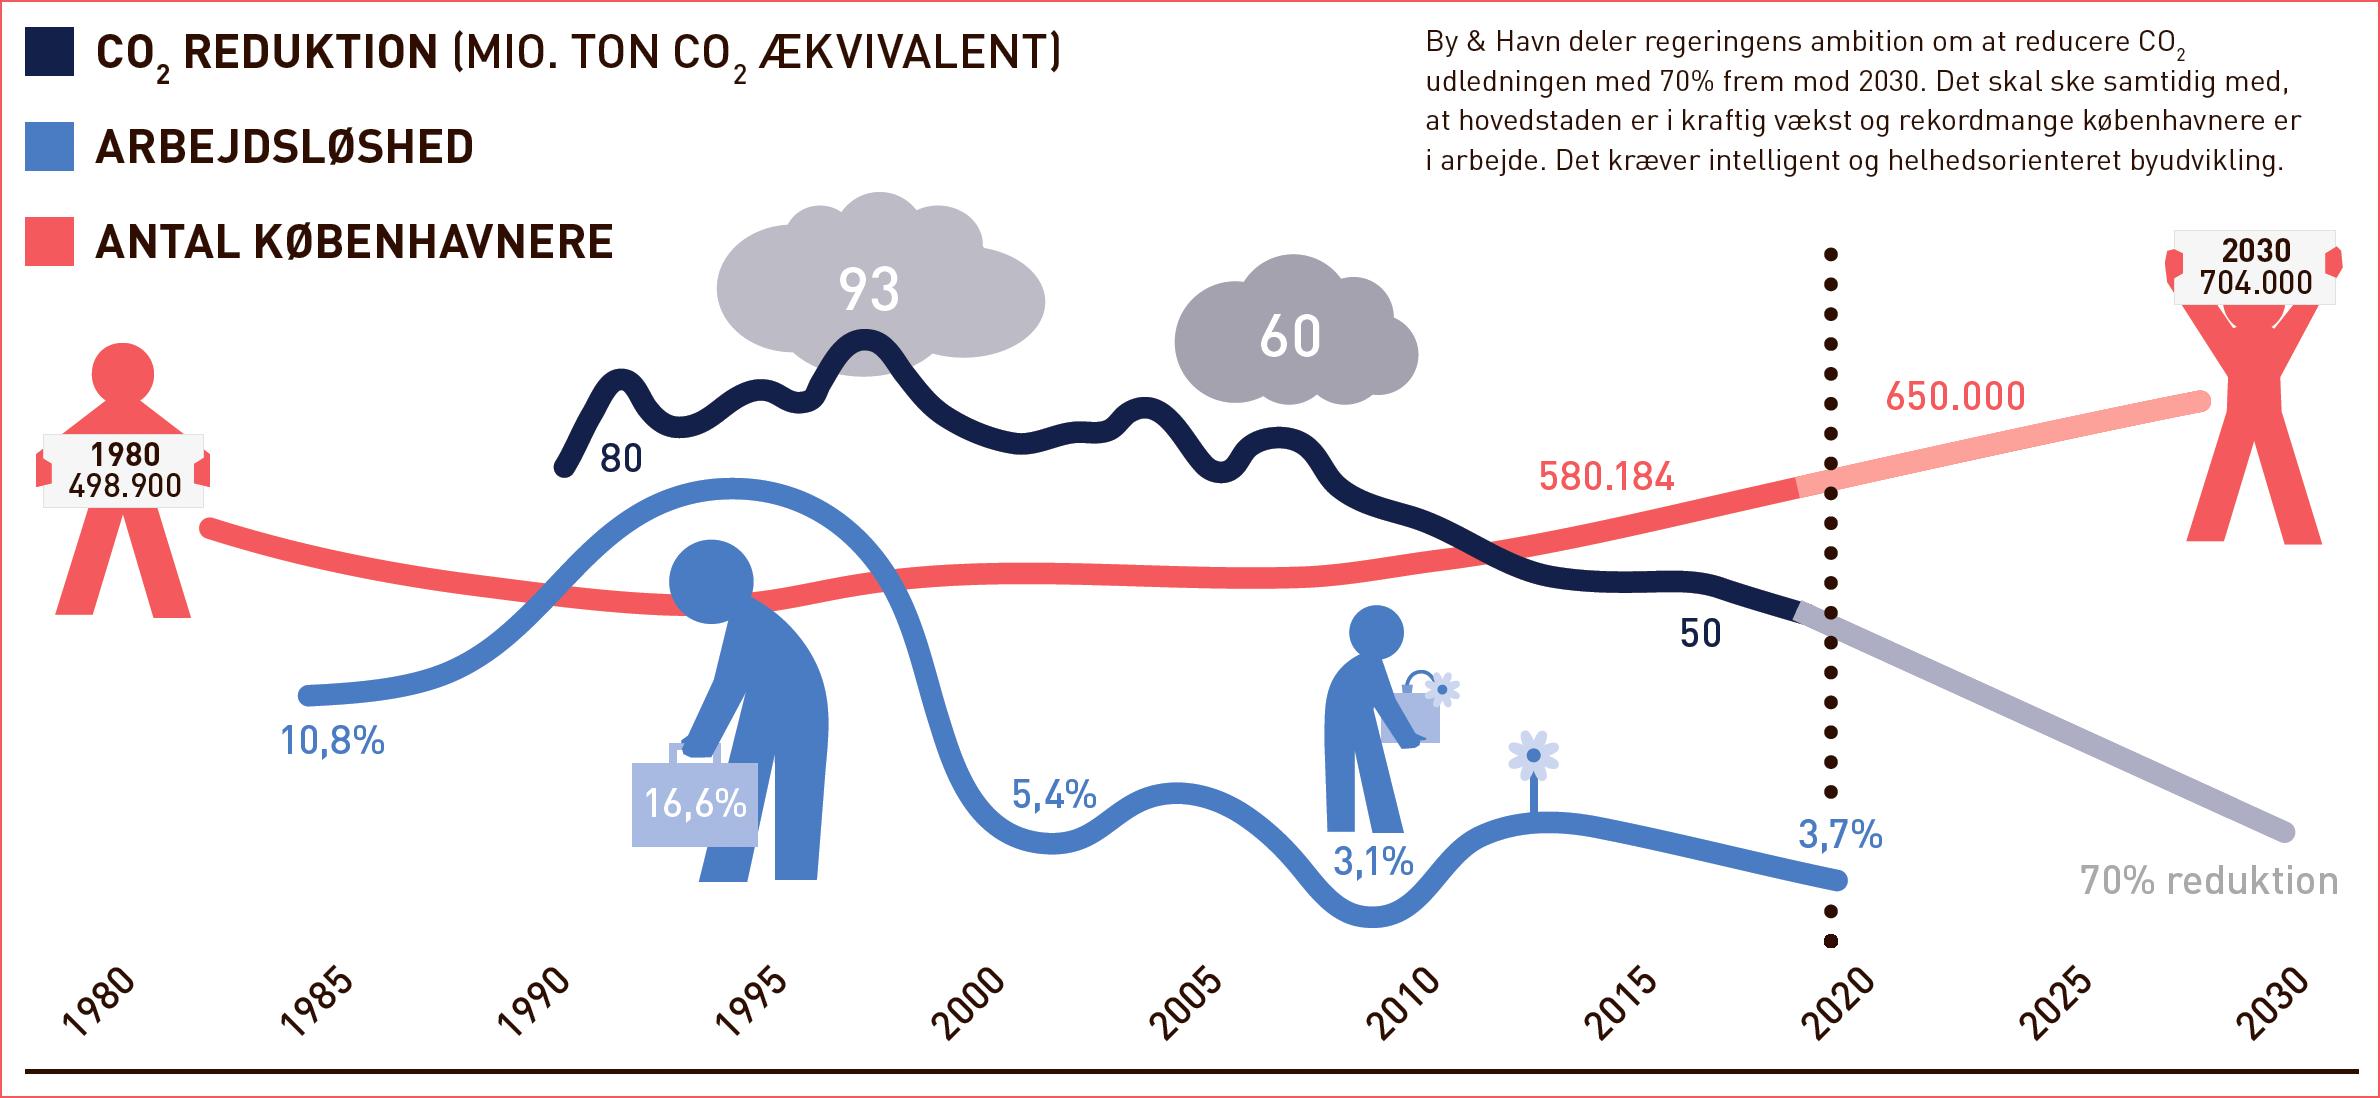 By & Havn støtter regeringens vision om en nedbringelse af CO2 med 70% inden 2035